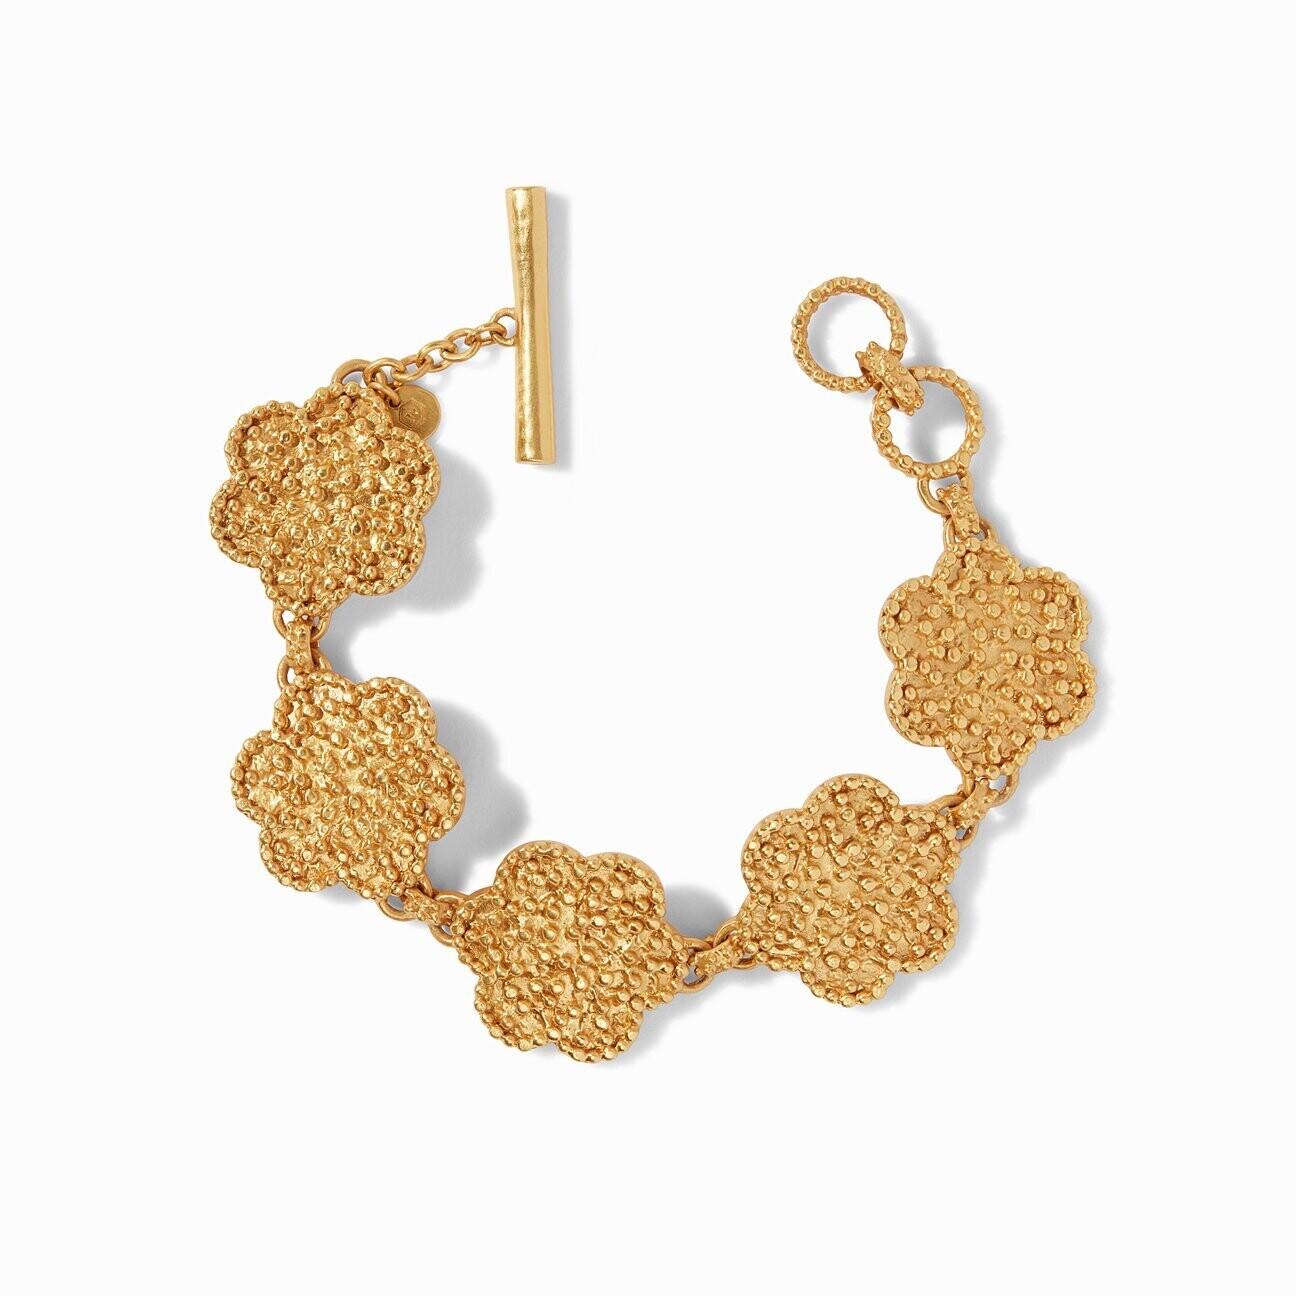 JULIE VOS Colette Bracelet